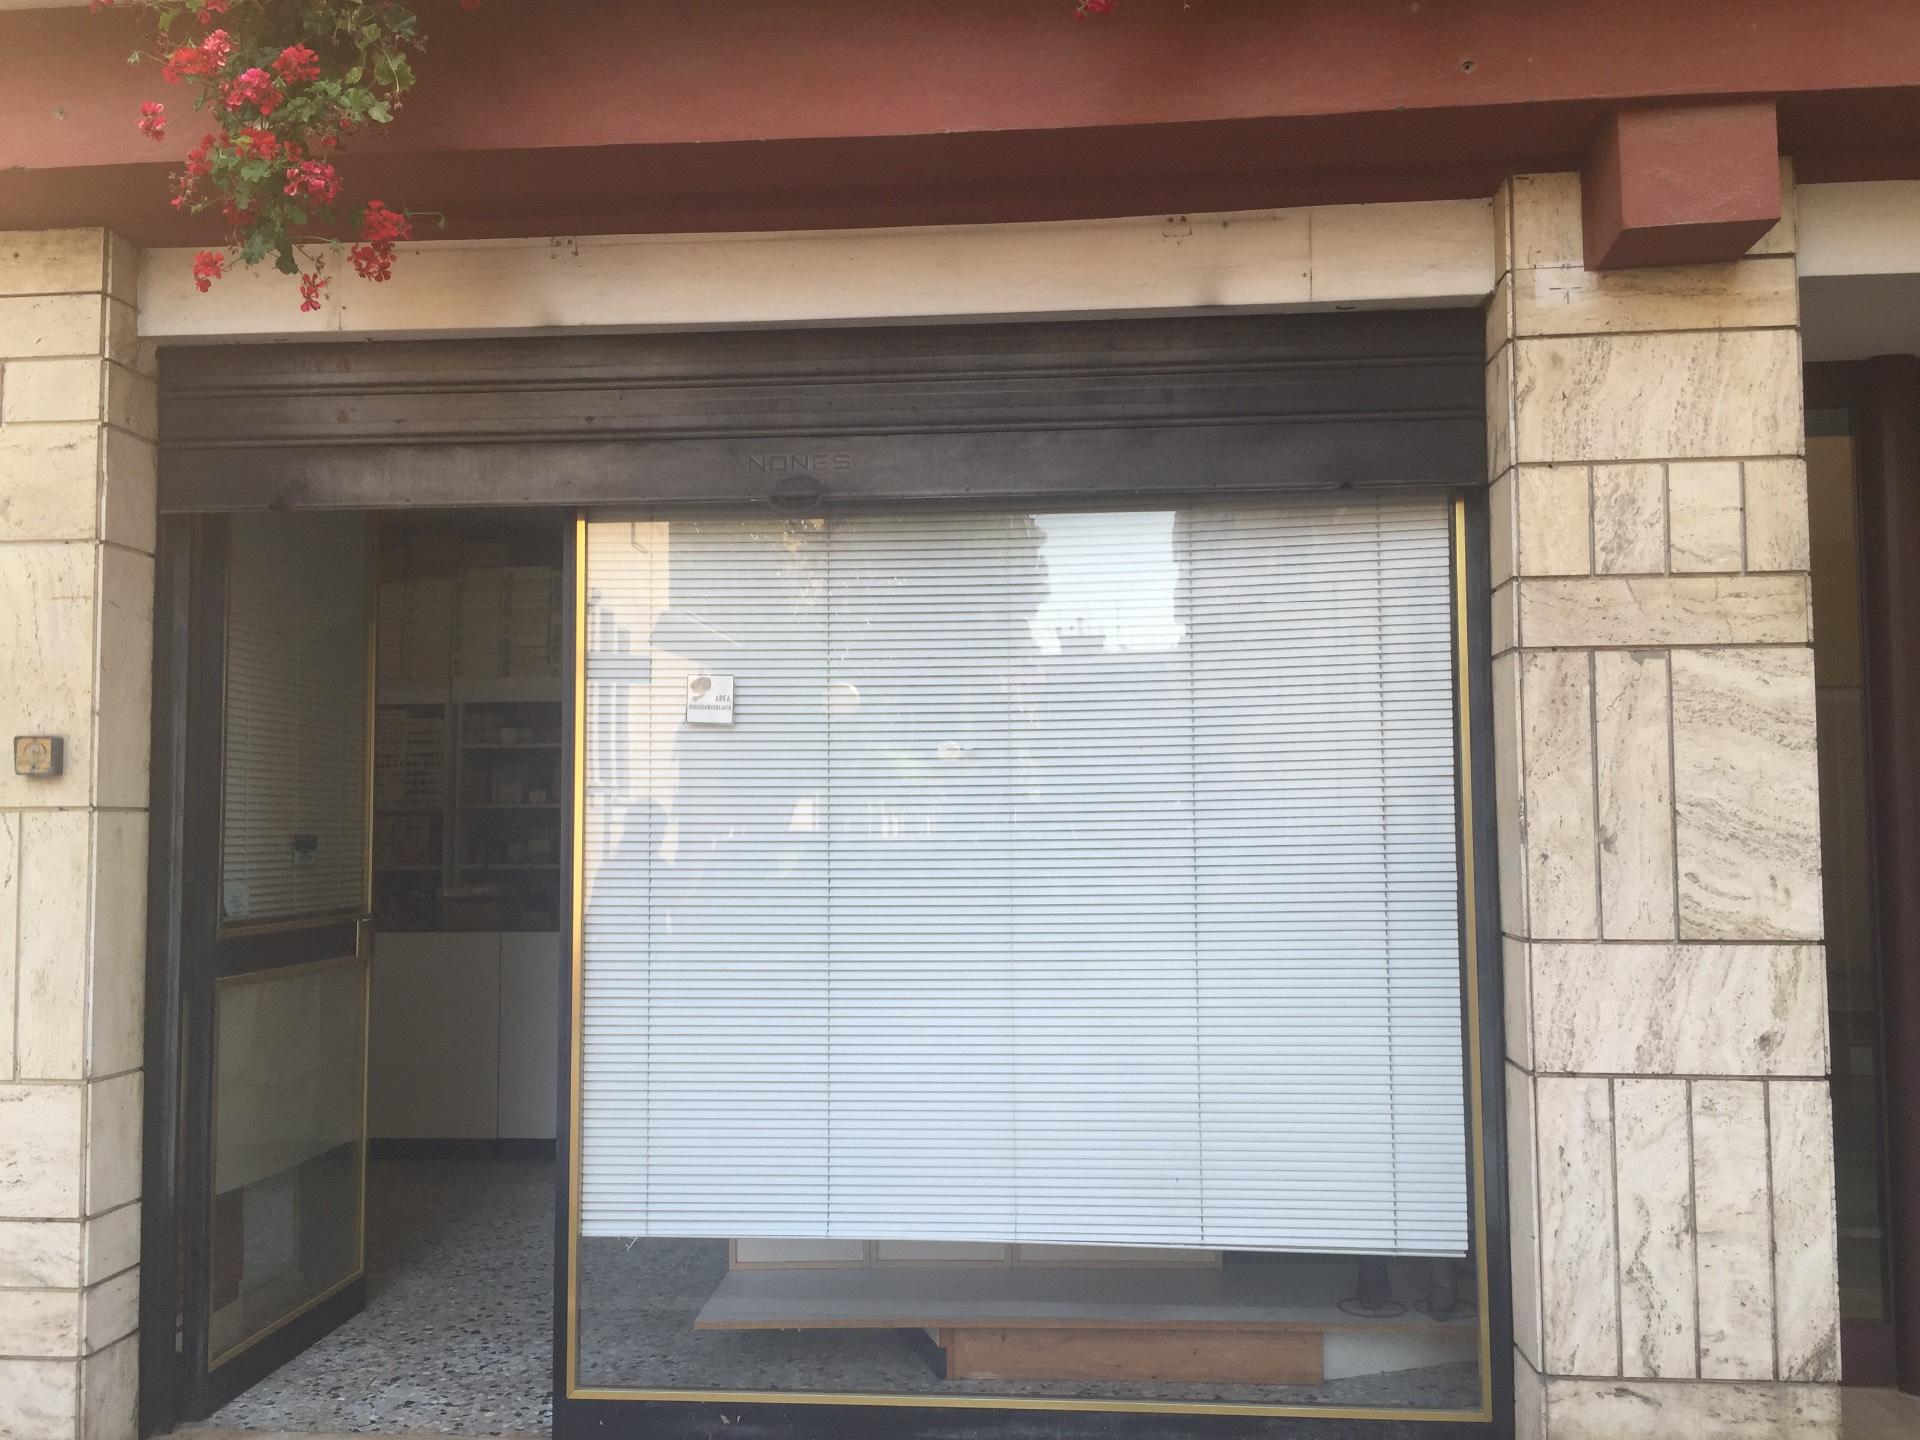 Negozio / Locale in vendita a Pescara, 9999 locali, prezzo € 62.000 | Cambio Casa.it